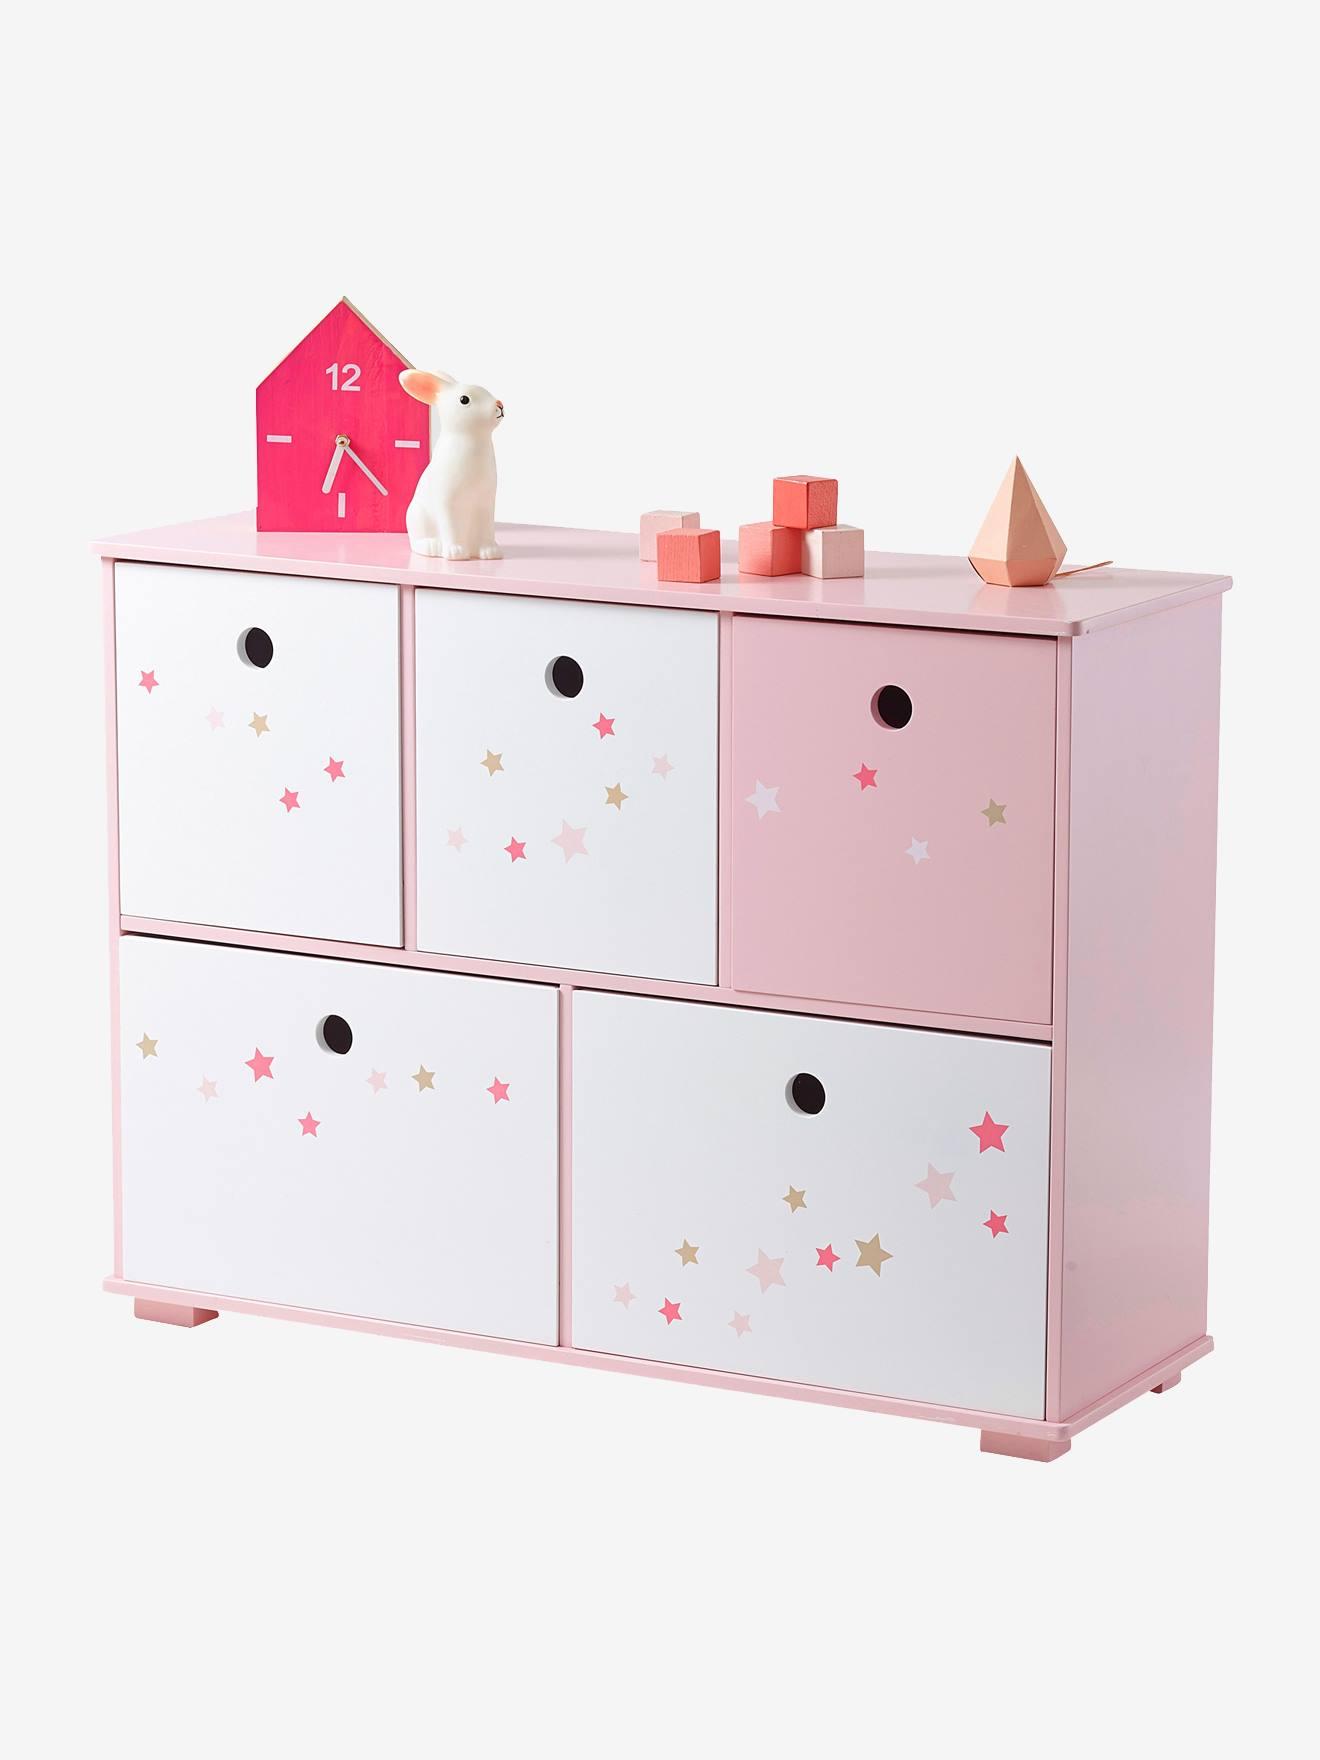 Meuble de rangement jouet great meuble pour ranger les jouets nice meuble rangement pour jouets - Meuble avec bac de rangement jouet ...